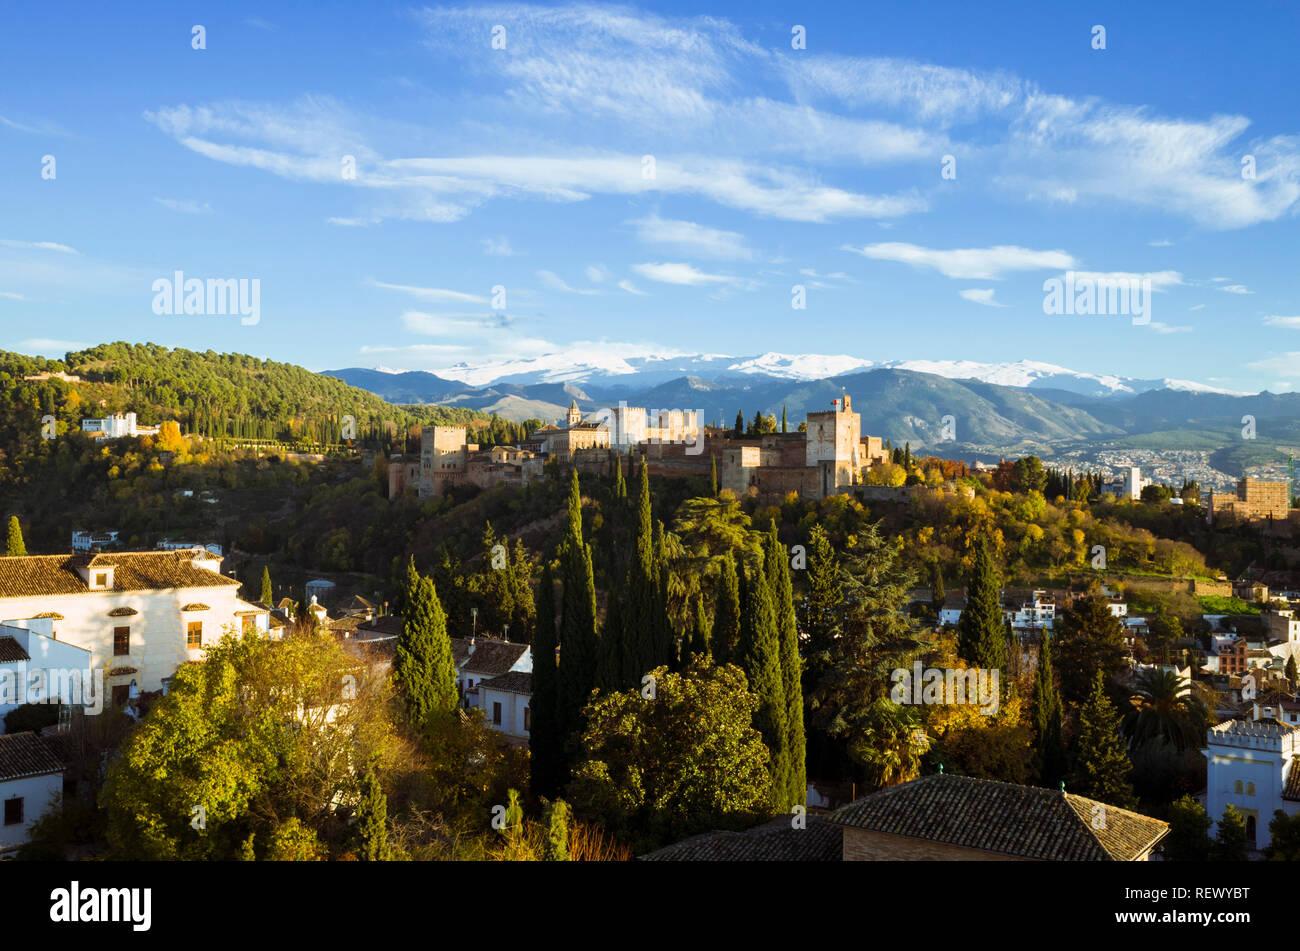 Granada, Andalusien, Spanien: Unesco Weltkulturerbe Alhambra allgemeine Ansicht Stockfoto